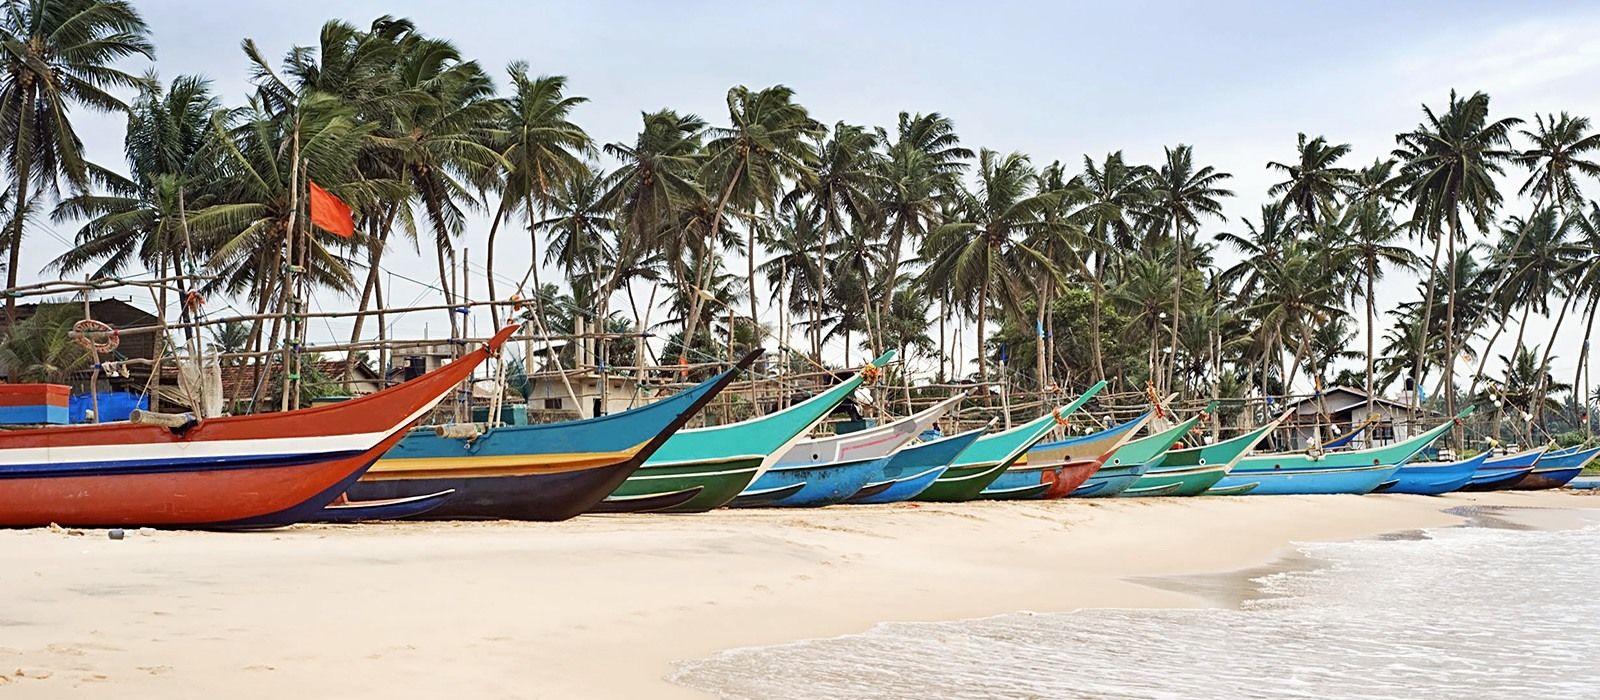 Sri Lanka Last Minute Angebot: Geschichte, Kultur & Strände Urlaub 2